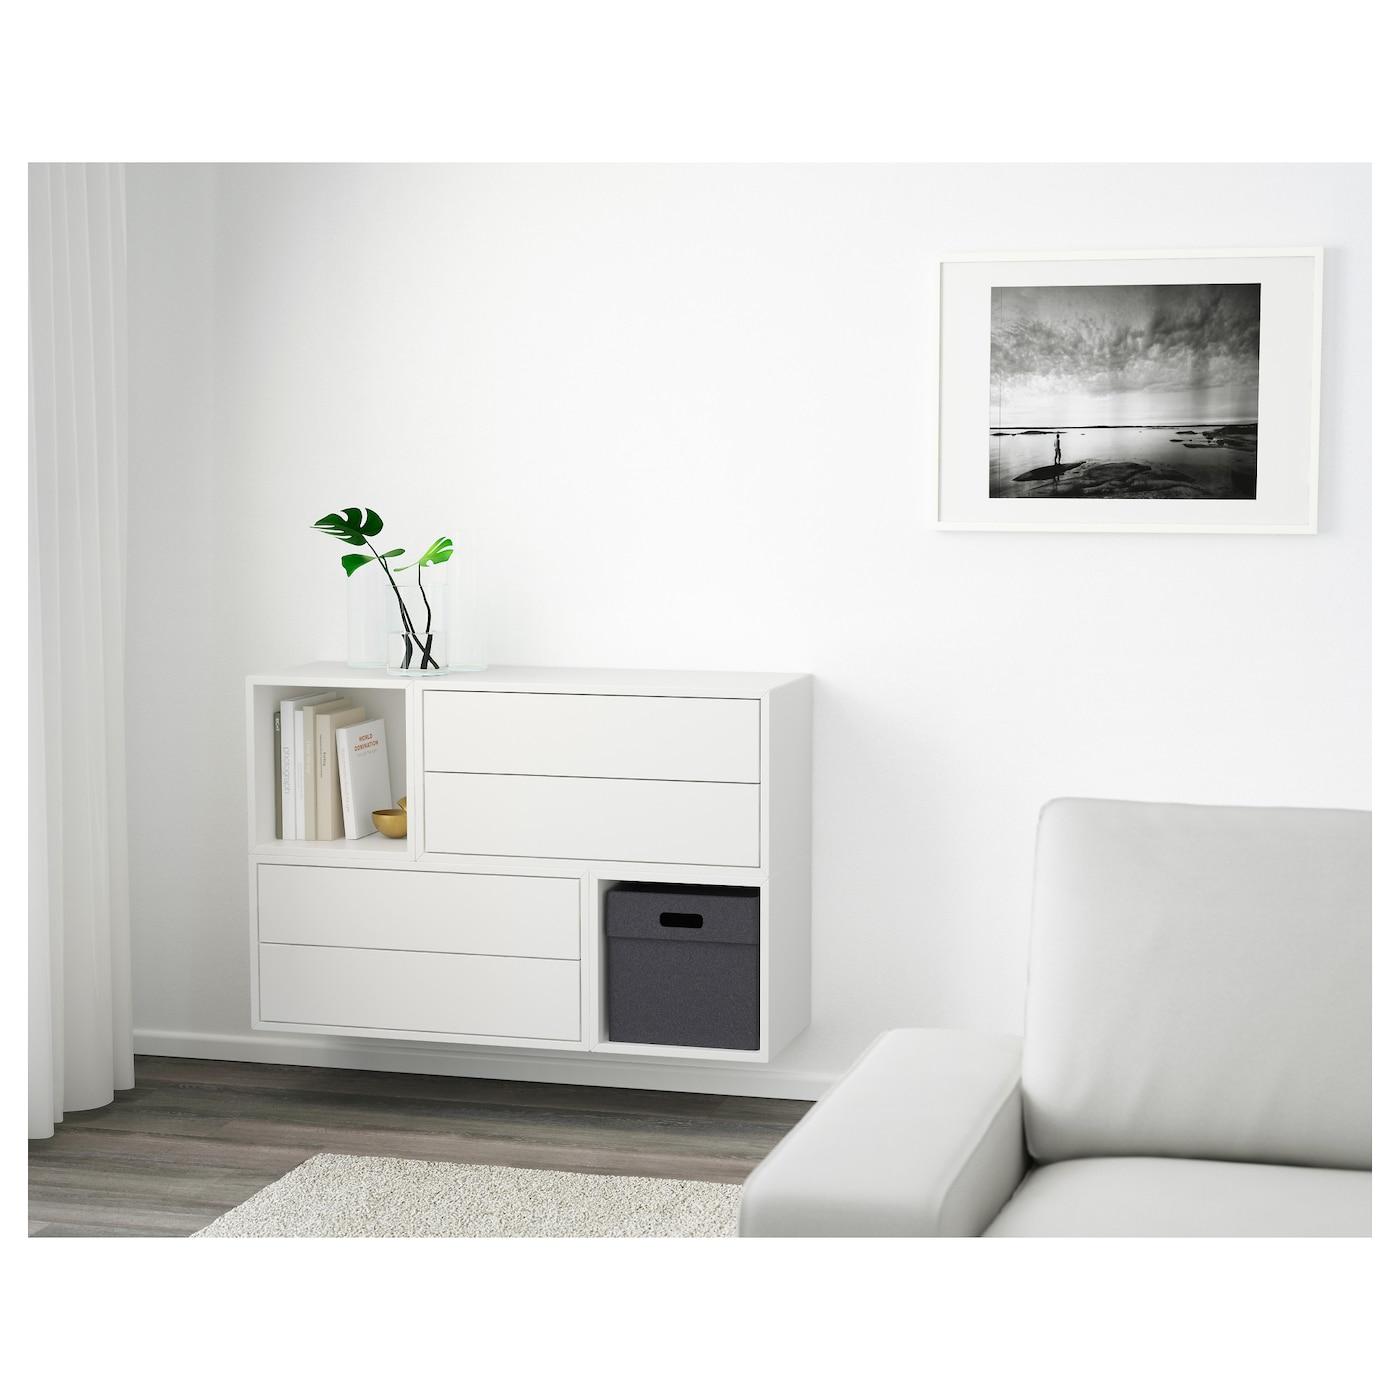 eket kastencombinatie voor wandmontage wit 105 x 35 x 70 cm ikea. Black Bedroom Furniture Sets. Home Design Ideas